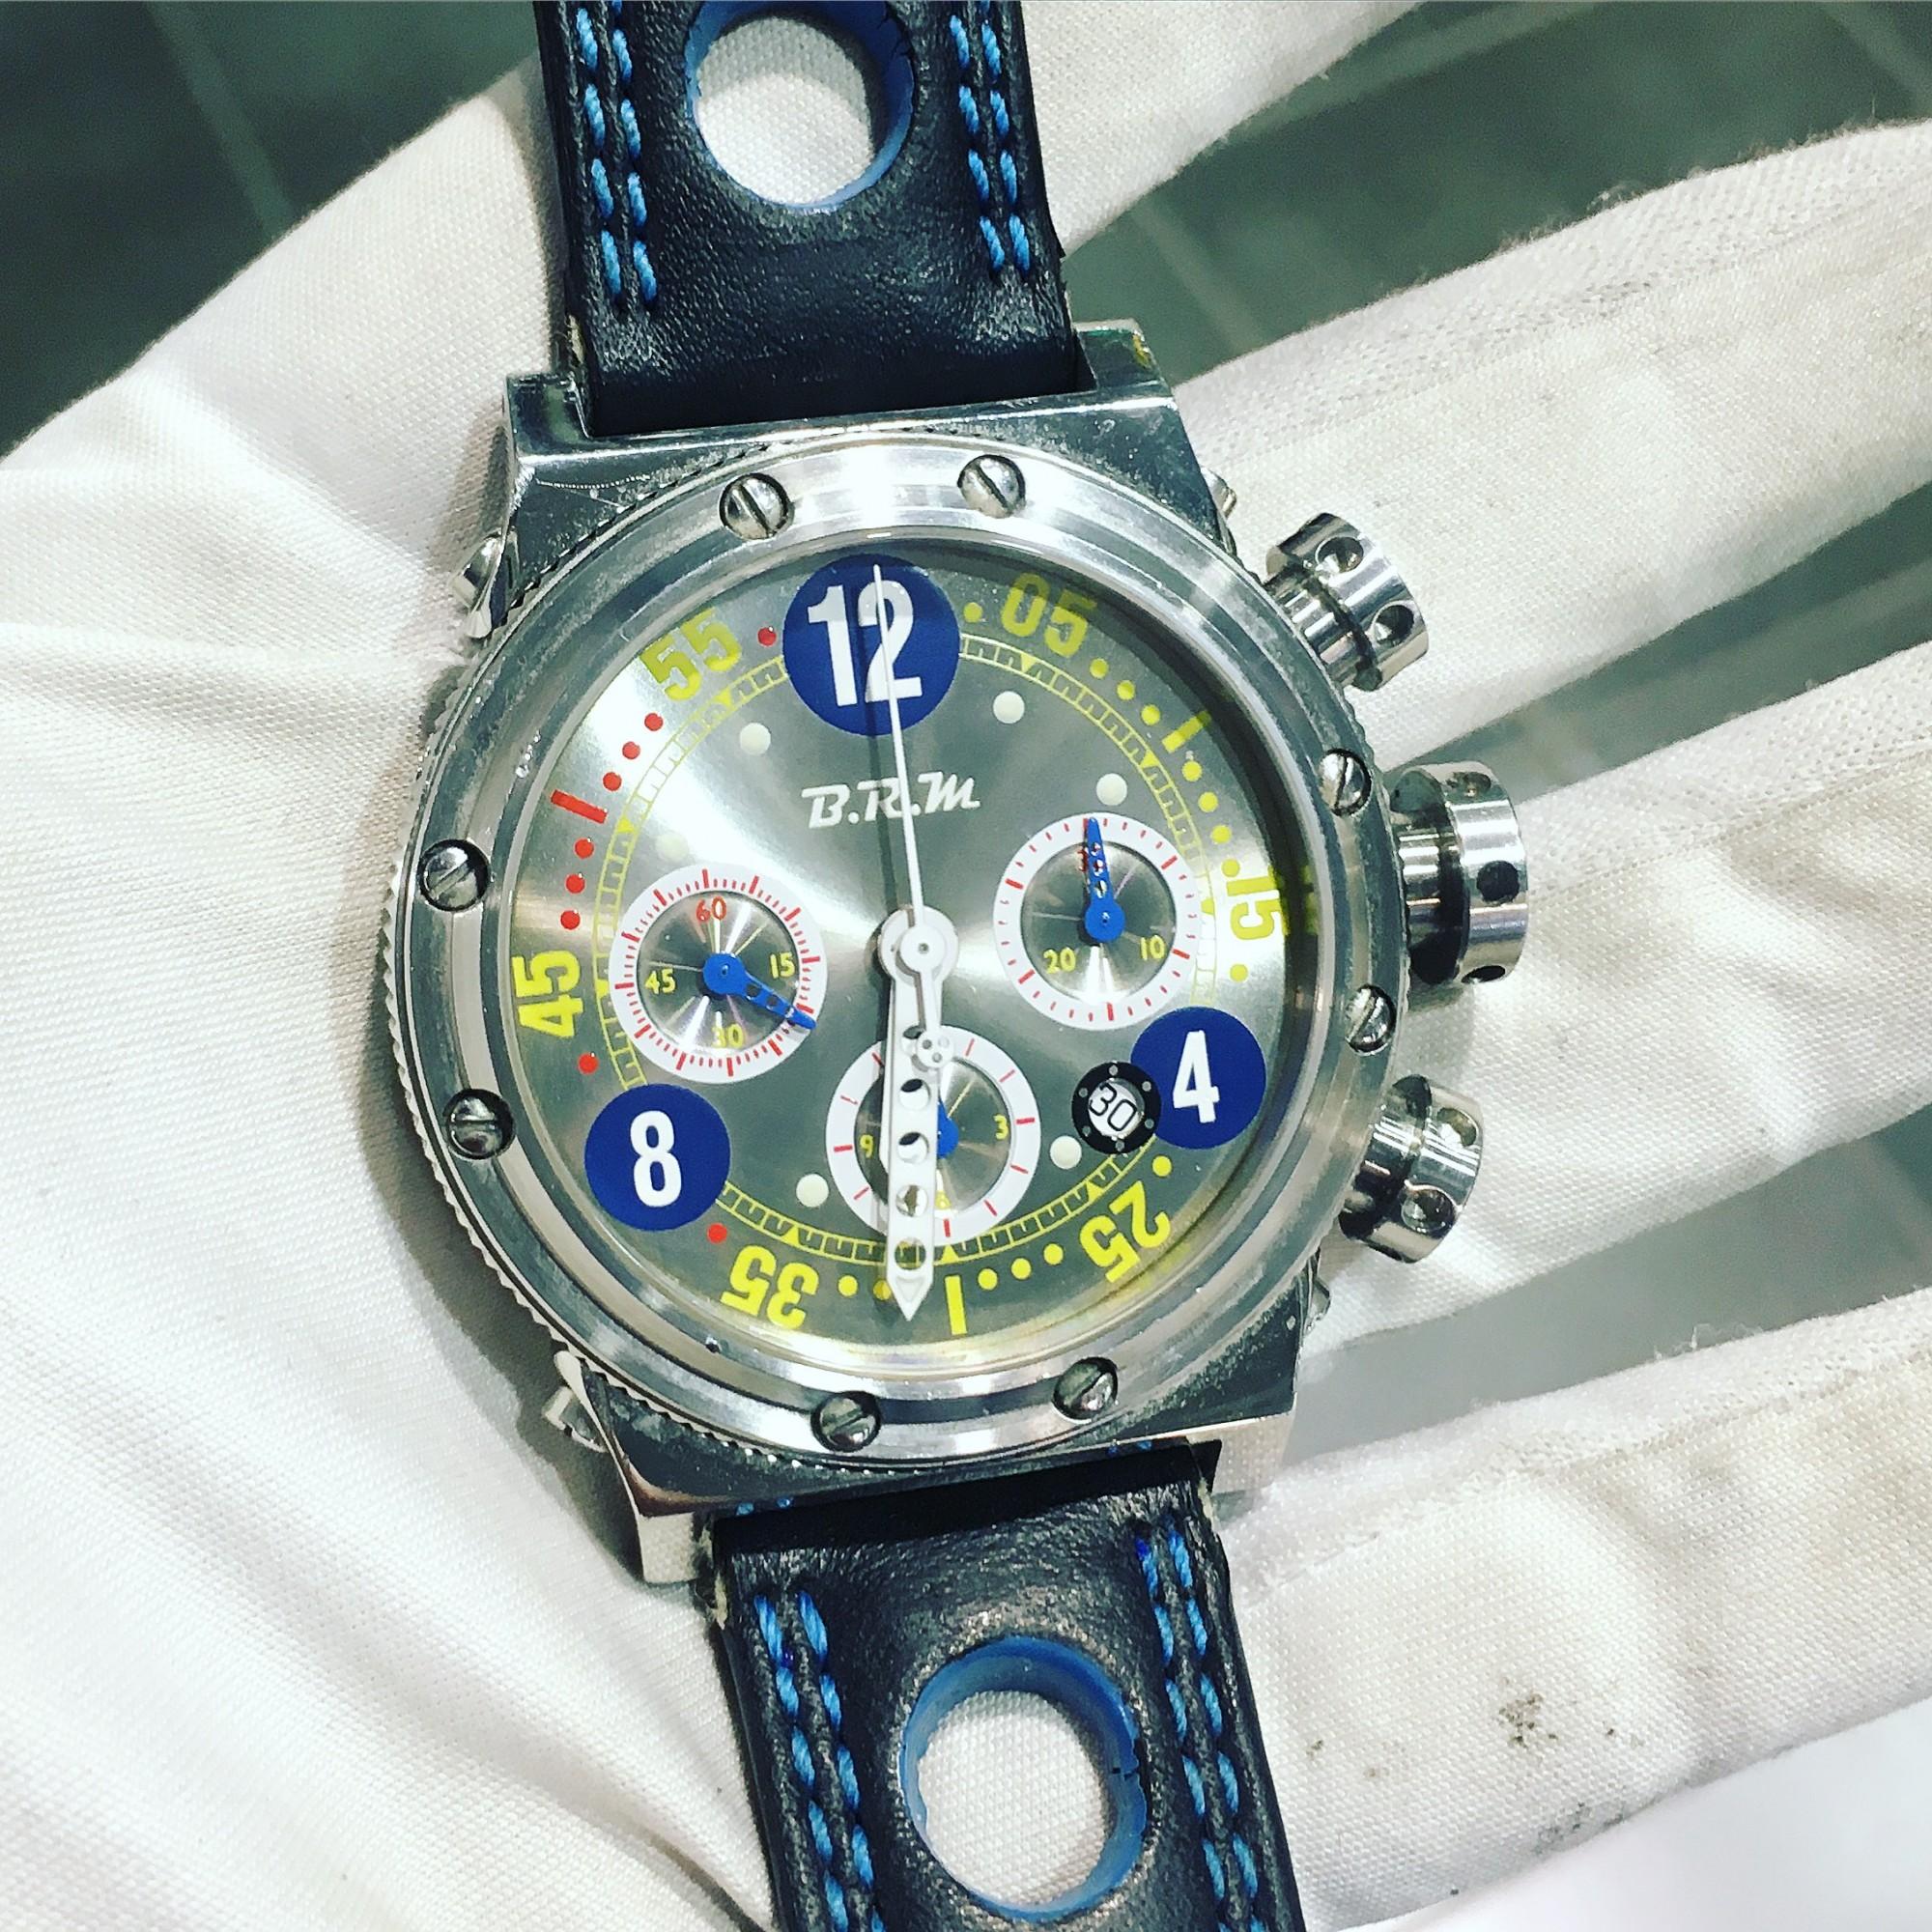 Montre occasion B.R.M V15 Chronographe.